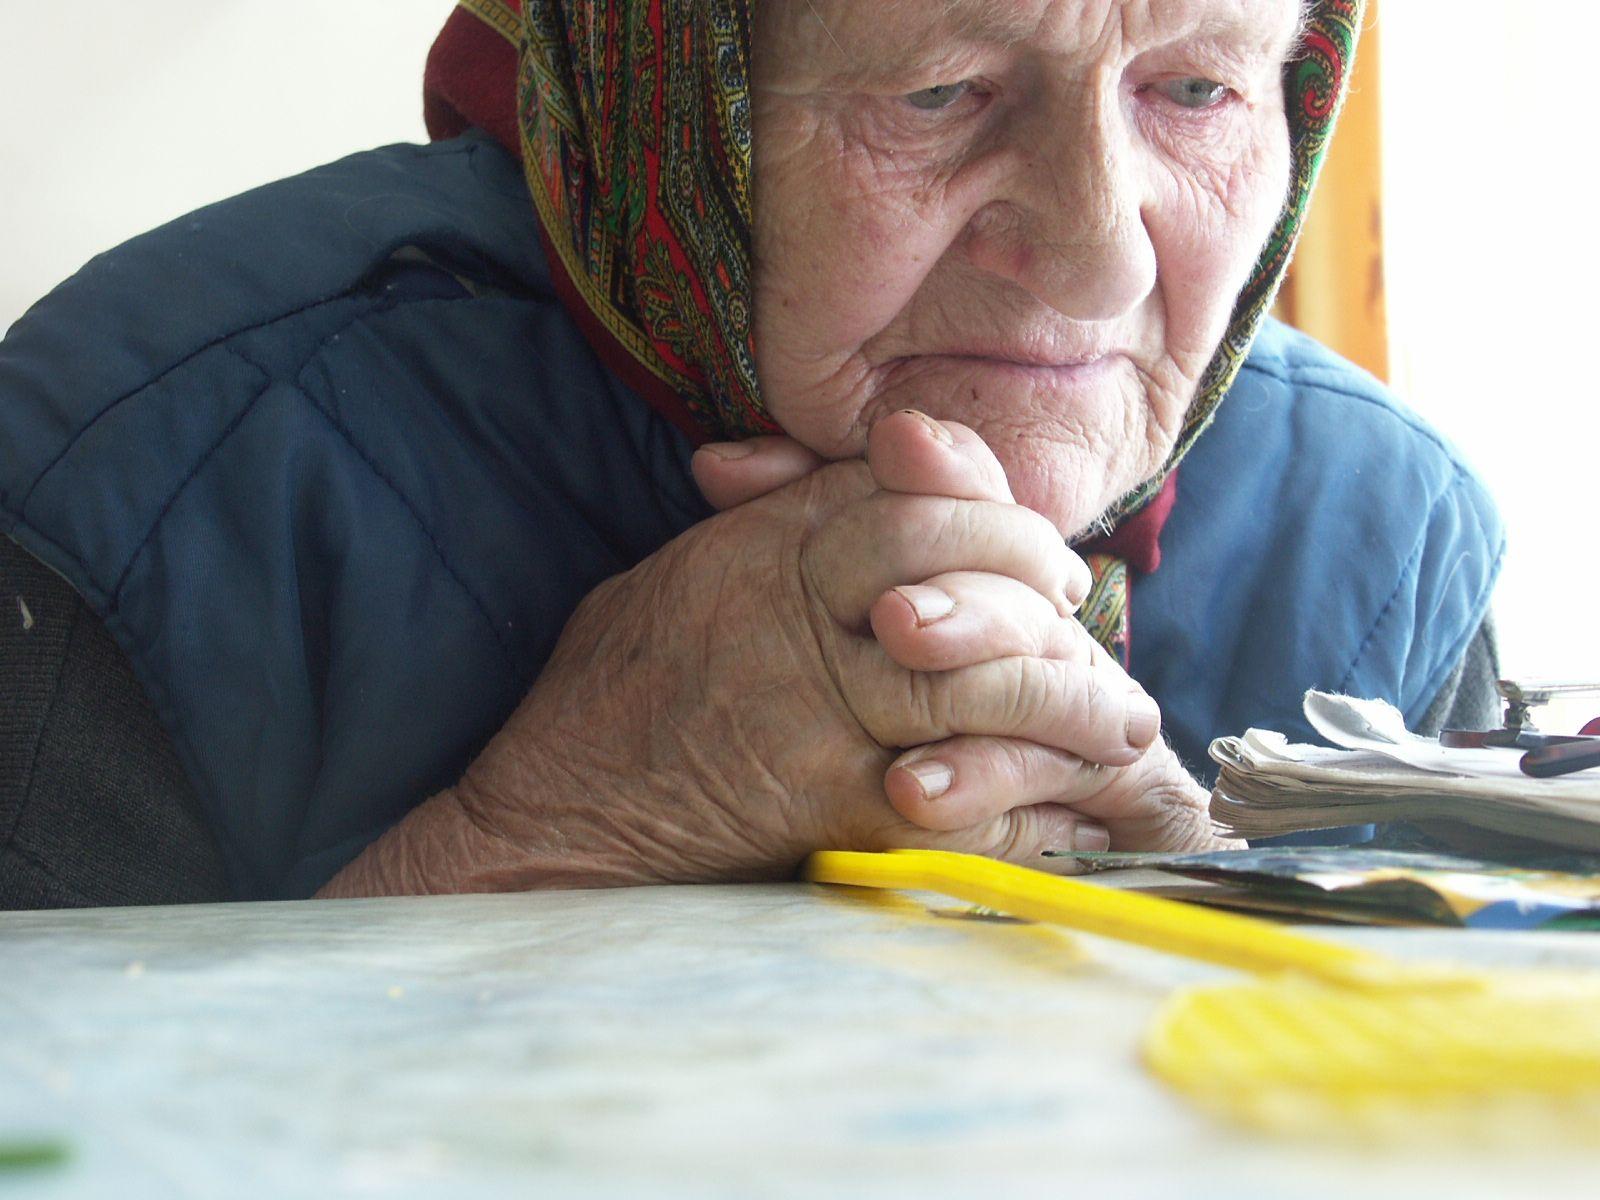 factors de risc de l'Alzheimer